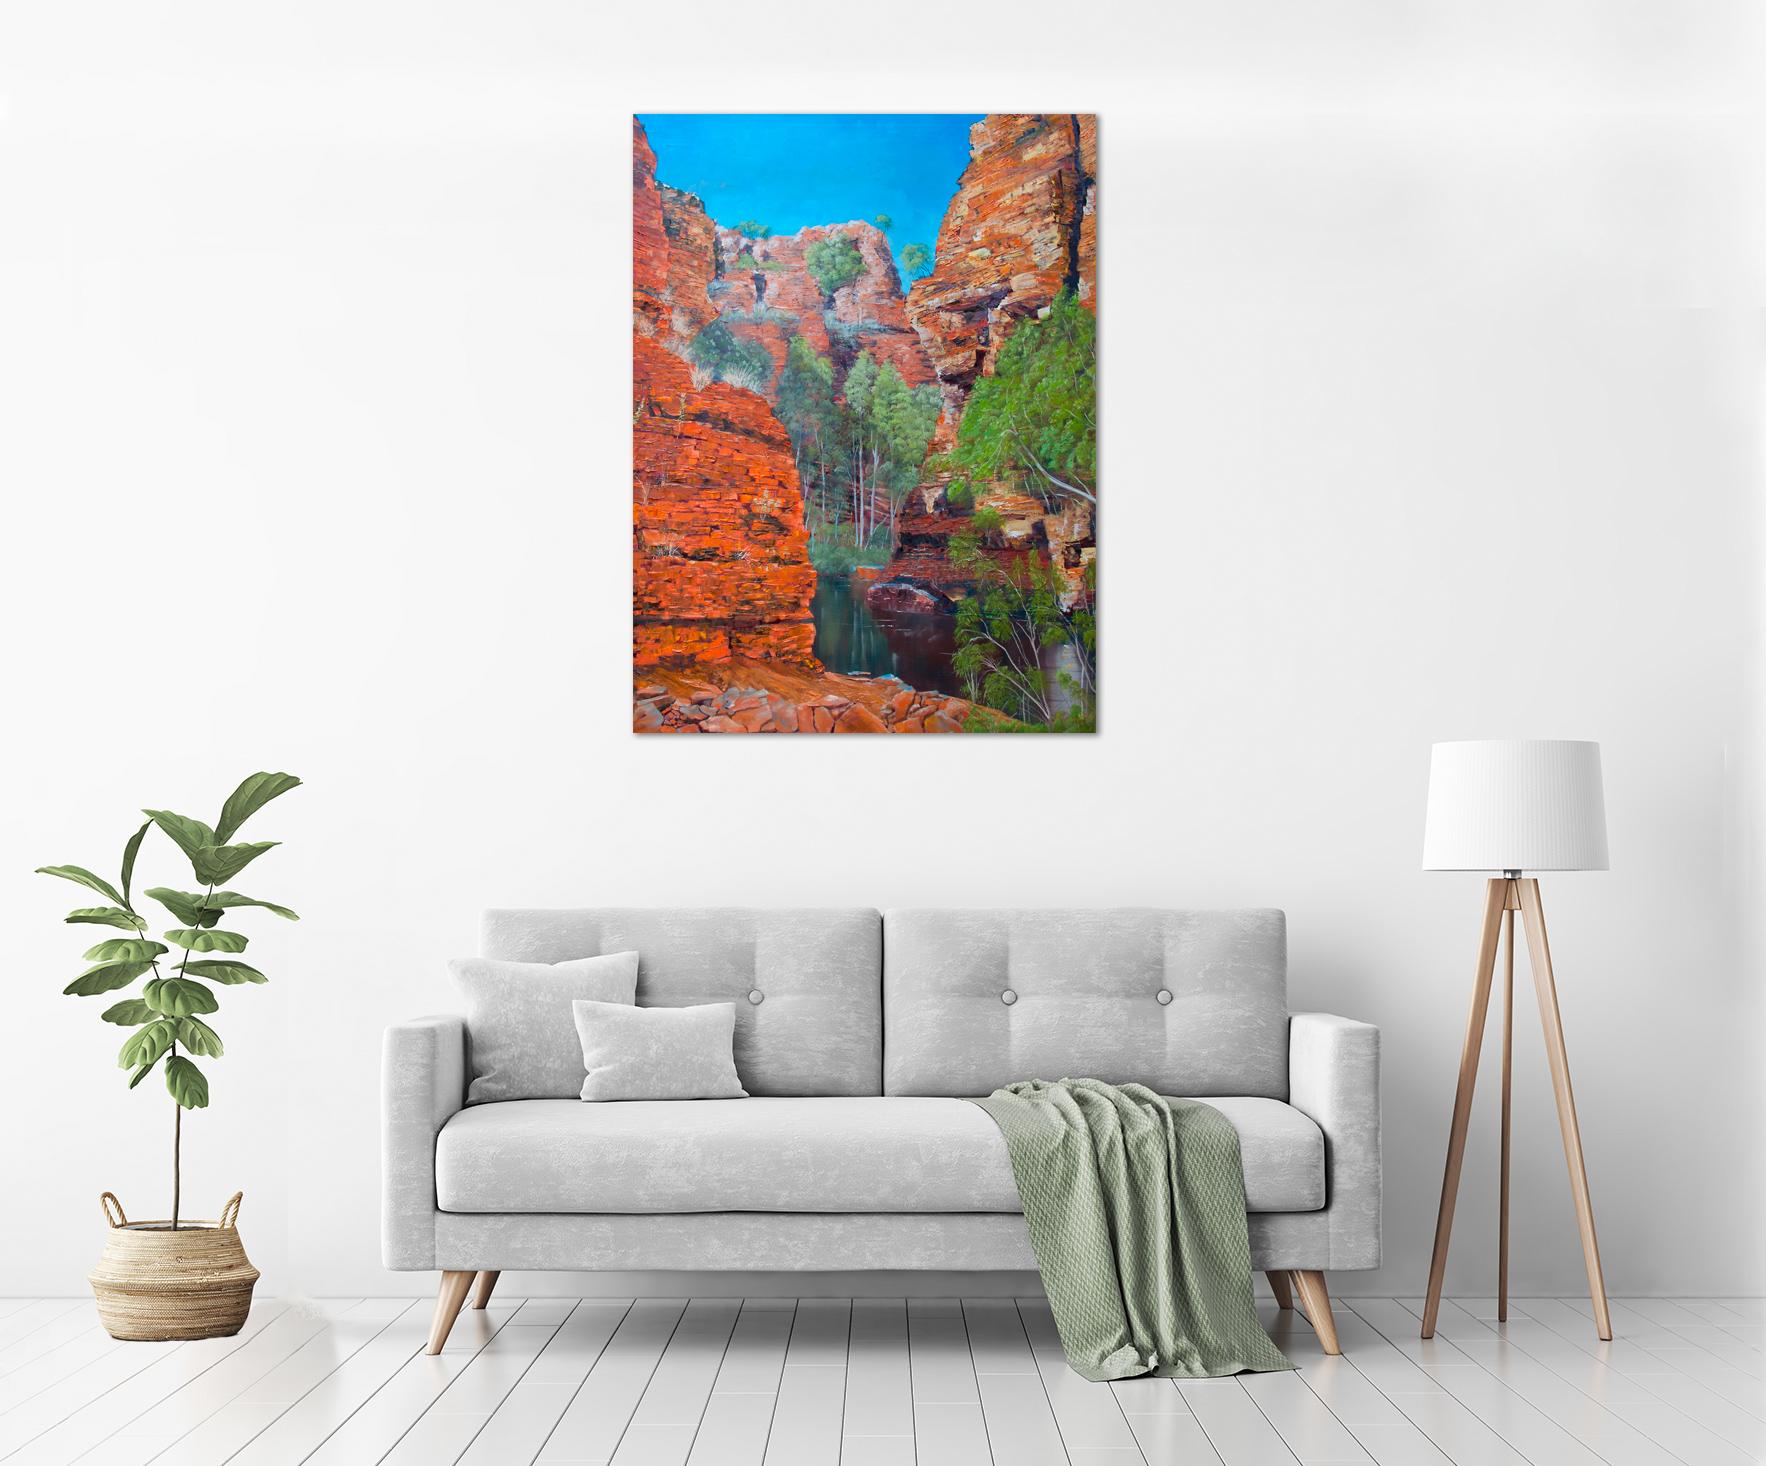 Weano Gorge III, Karijini National Park in a room